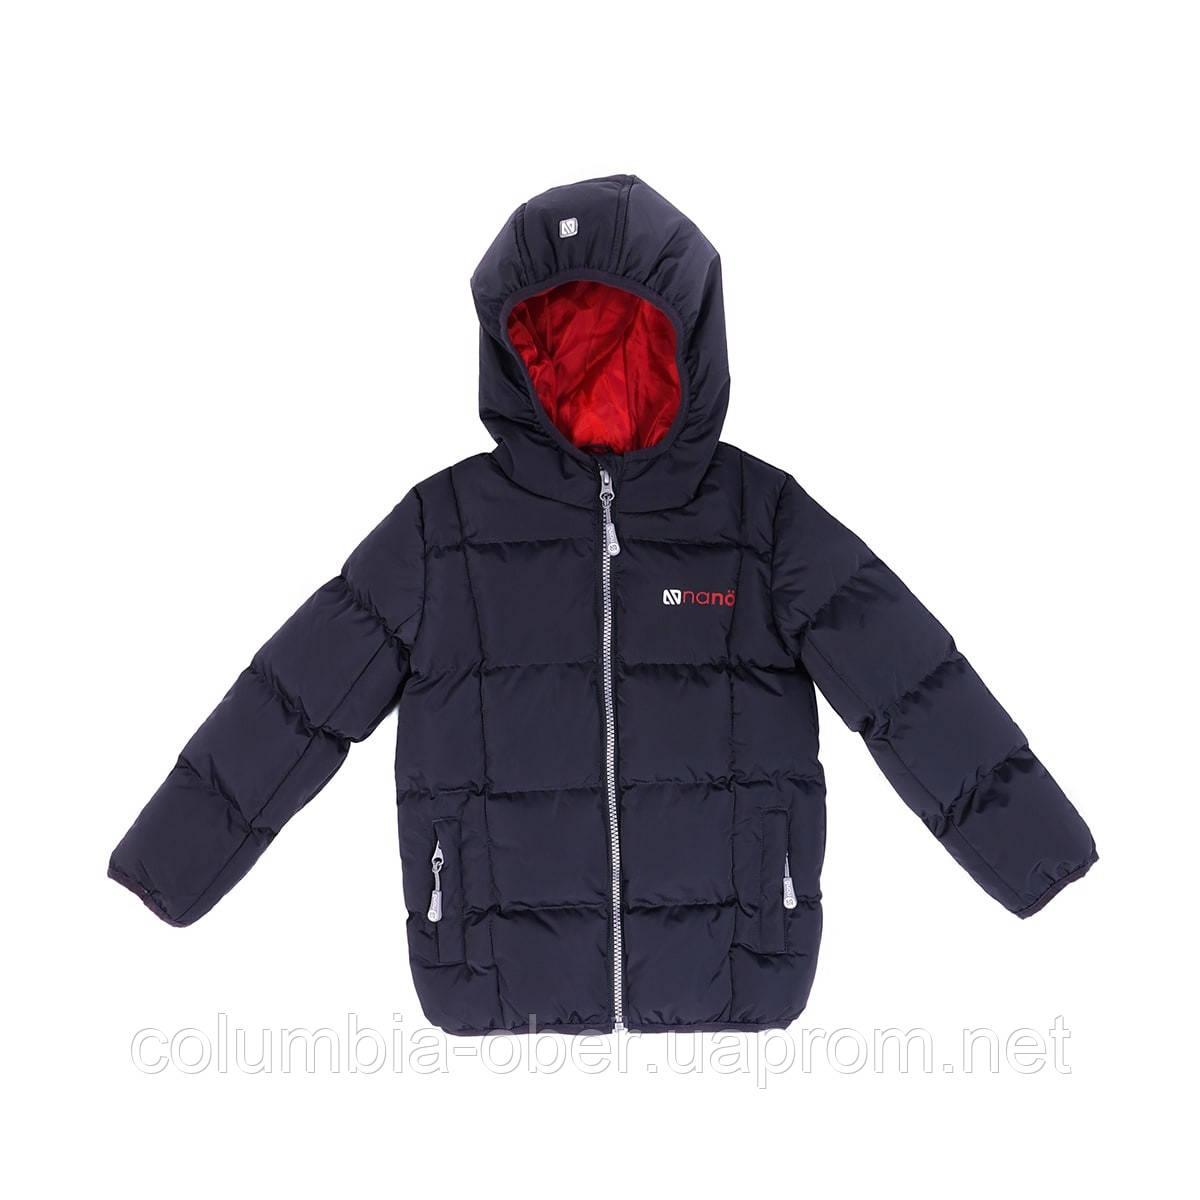 Демисезонная куртка для мальчика NANO 1251 M F16. Размеры 97 и 104.